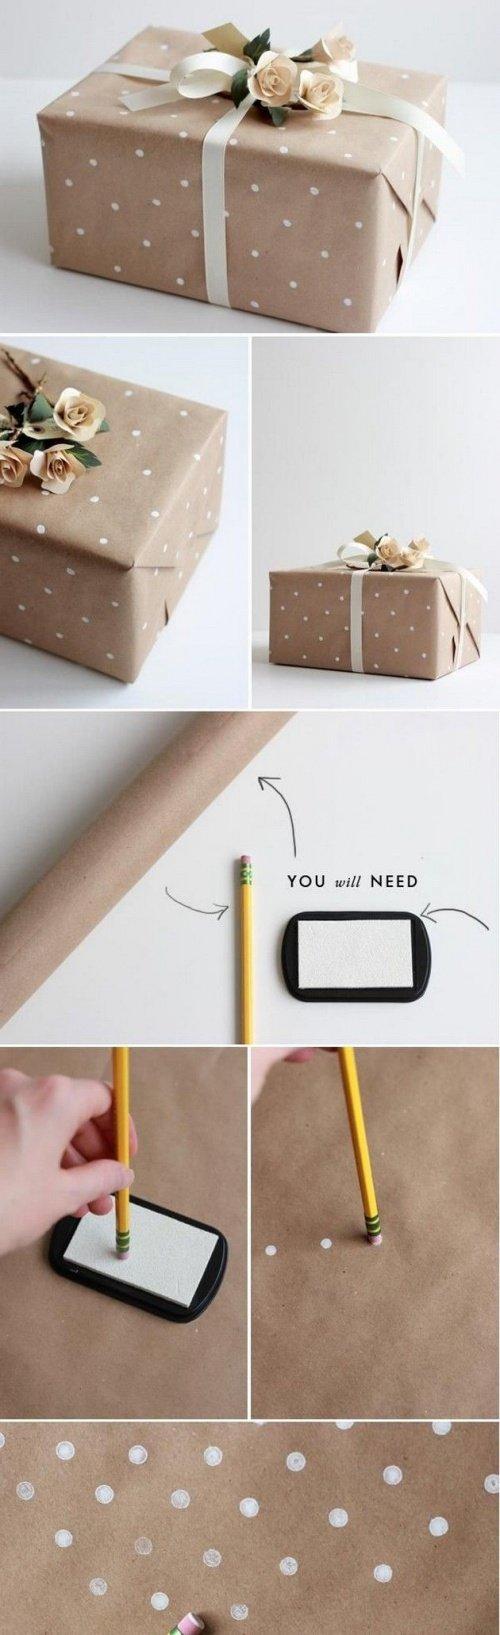 50 идей для крошечных подарков, которые вы можете сделать сами 62